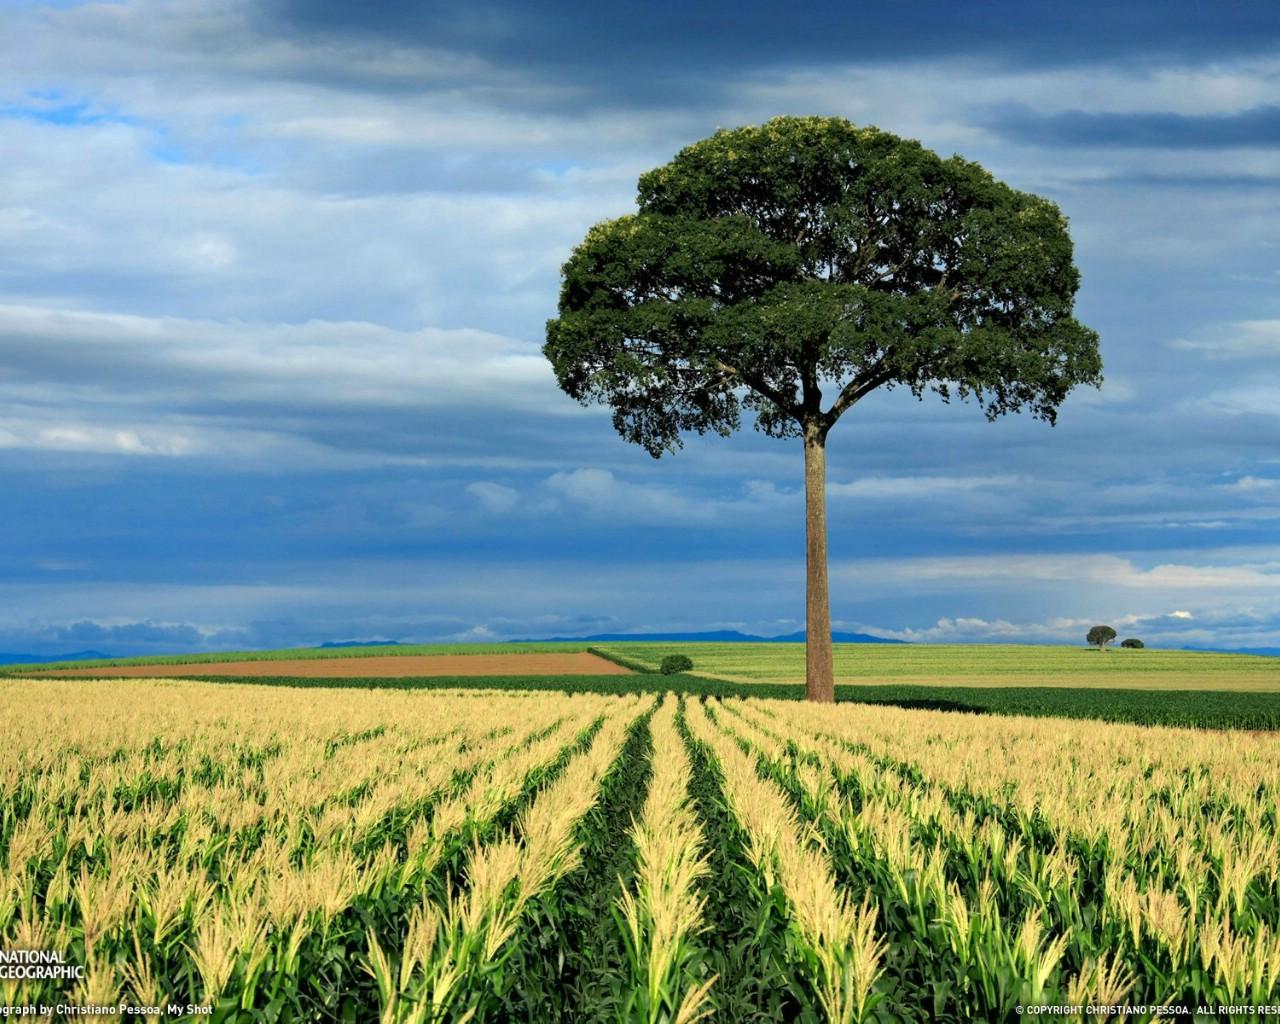 国家地理杂志每日一图2010五六月摄影壁纸 巴西圣保罗的玉米田图片